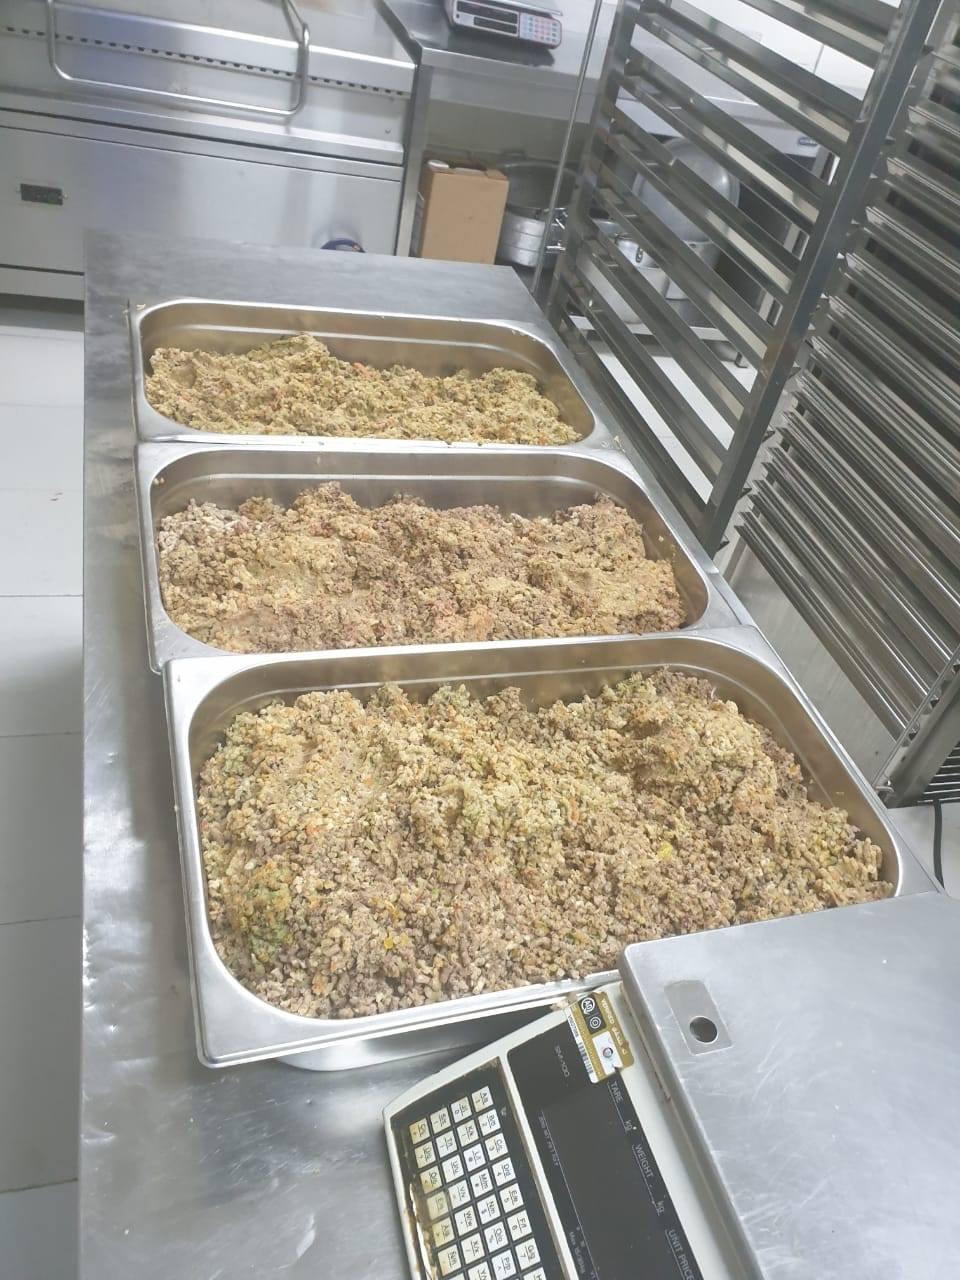 每天丟百斤食物!五星大廚每天「自願加班」回收 把「剩菜→狗食」被讚爆:謝謝你QQ